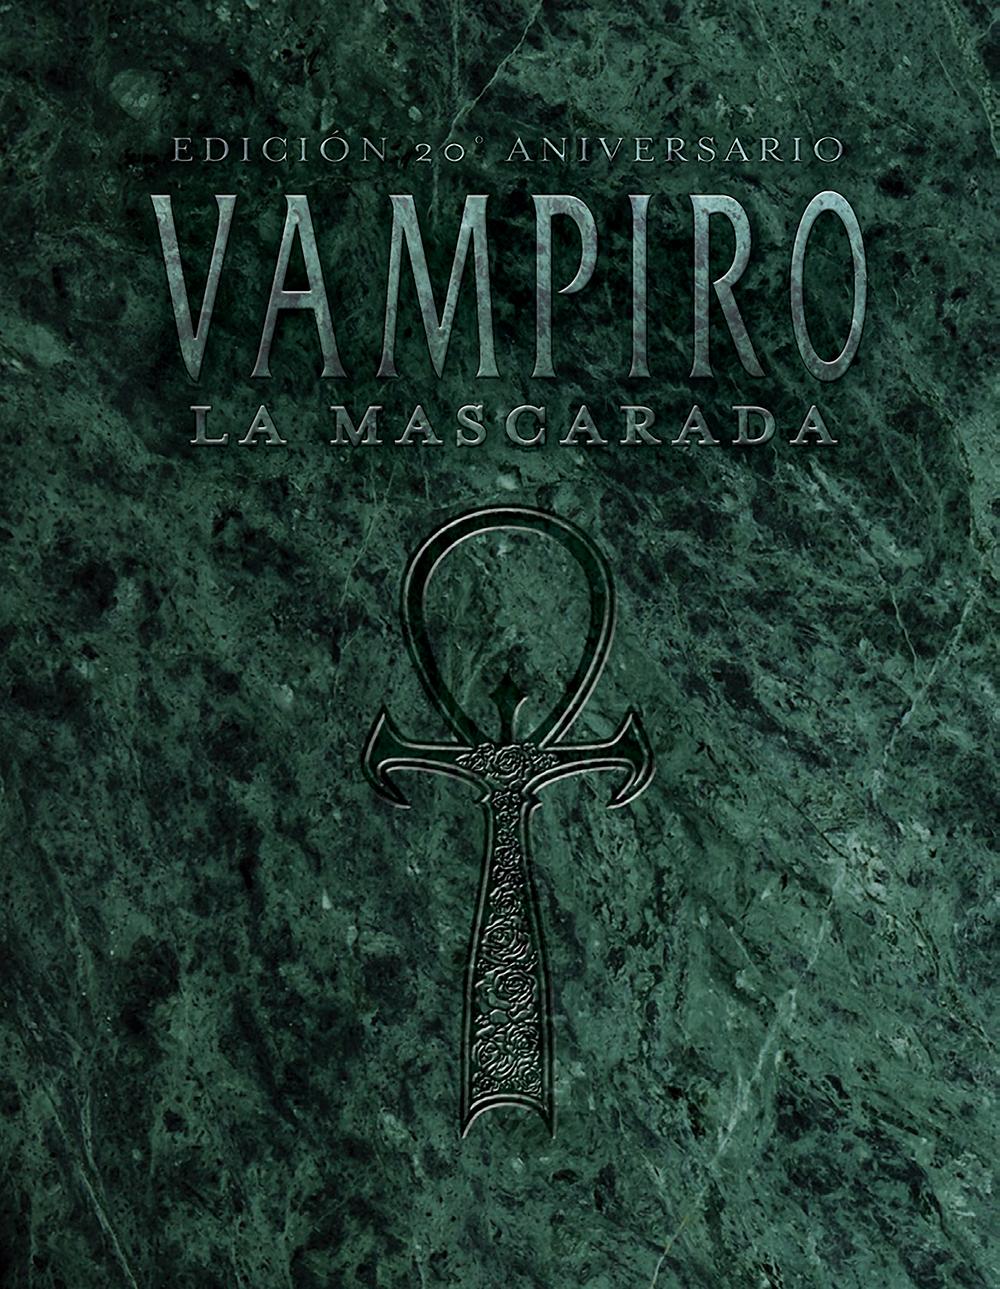 Vampiro la mascarada 20 aniversario